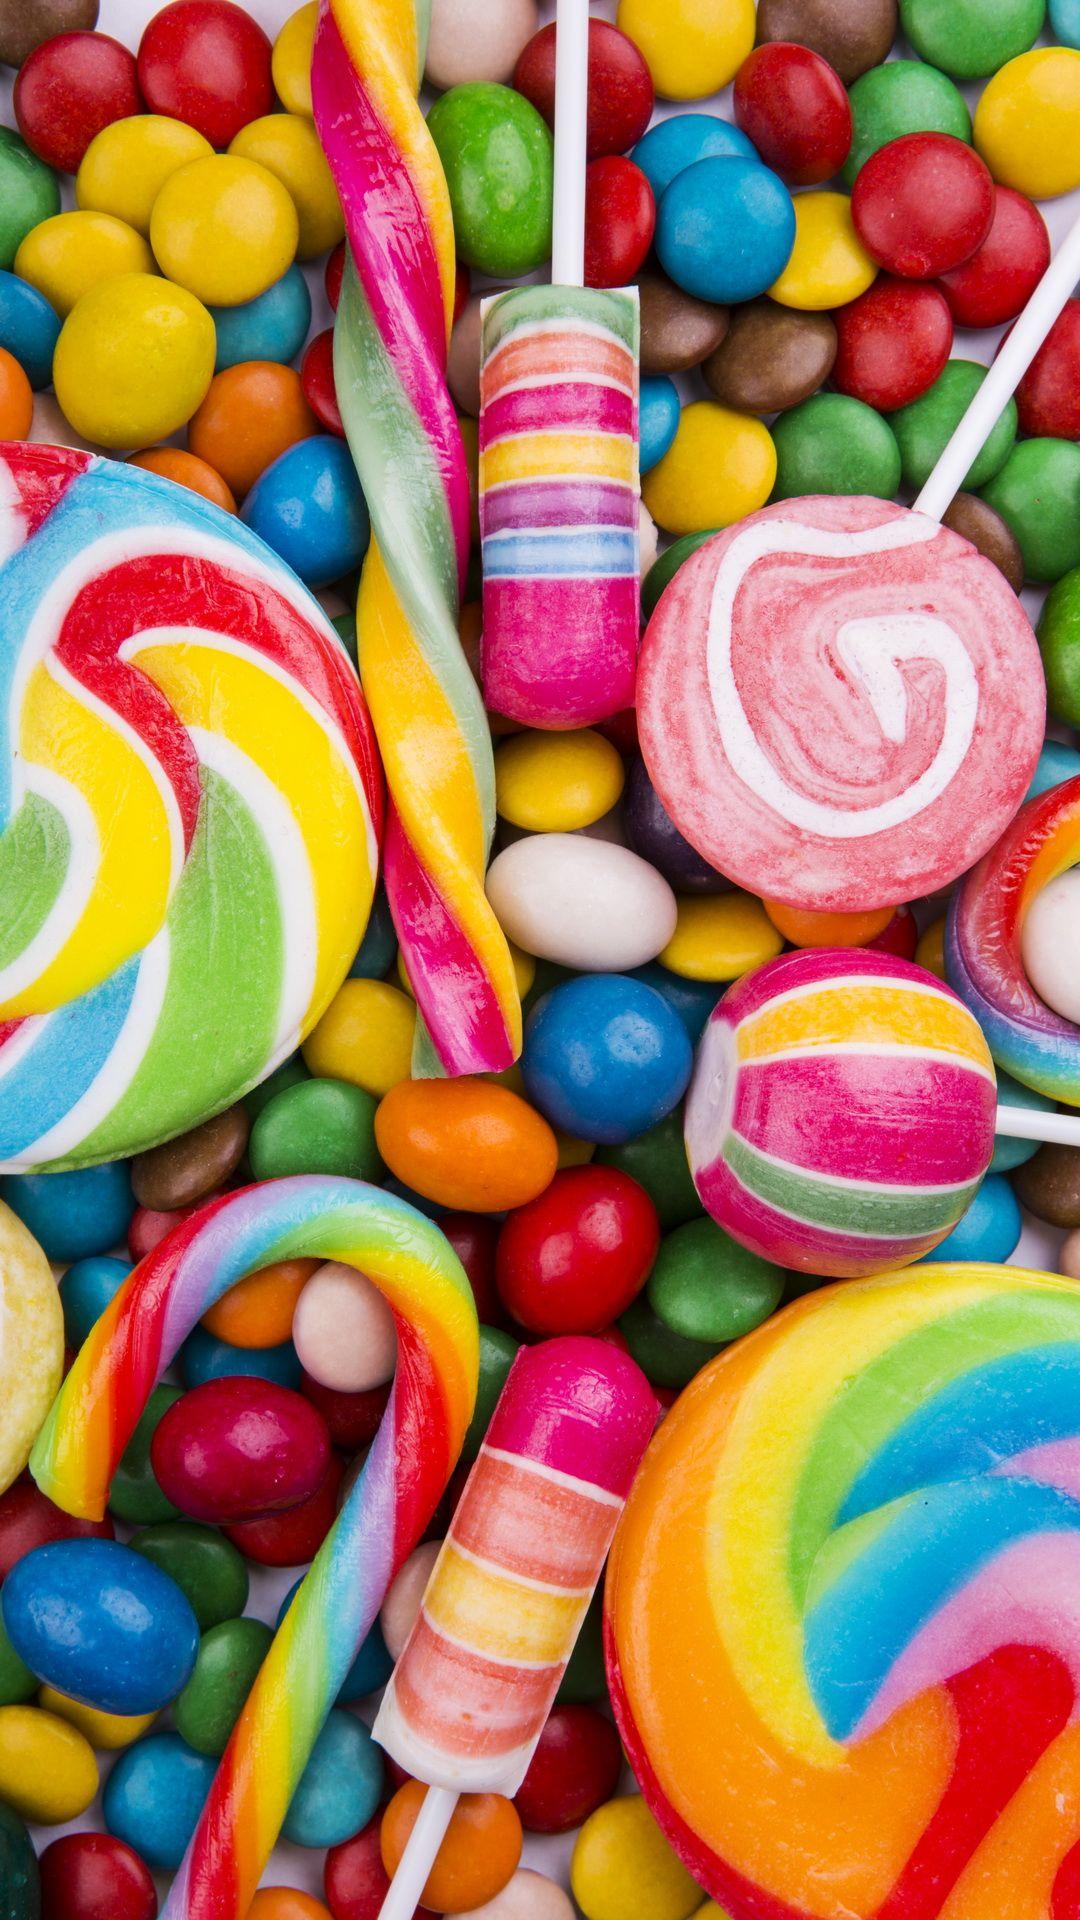 No hay nada más alegre para una fiesta que un surtido de caramelos y ...